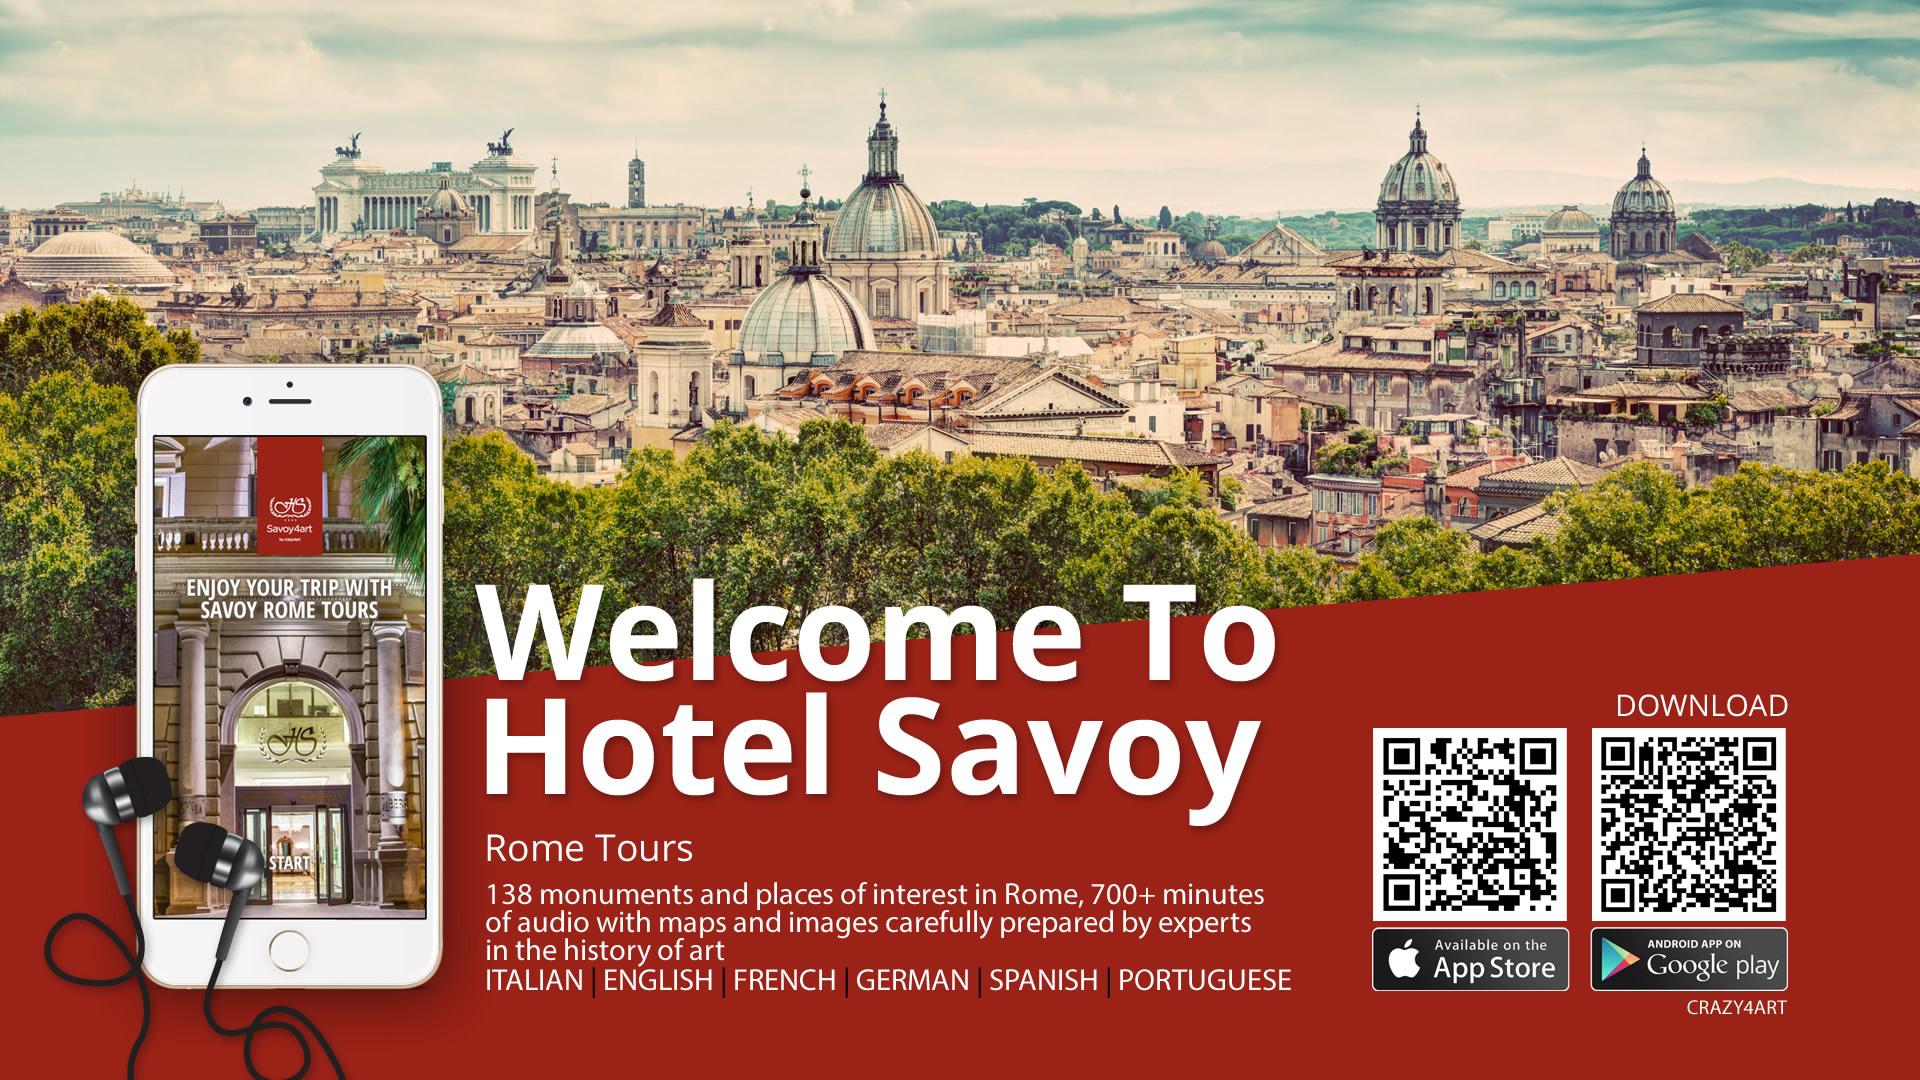 Crazy4Art Hotel Savoy Roma App audioguida - Patrizio Rossi - realizzazione immagini play store - apple app store web graphic designer